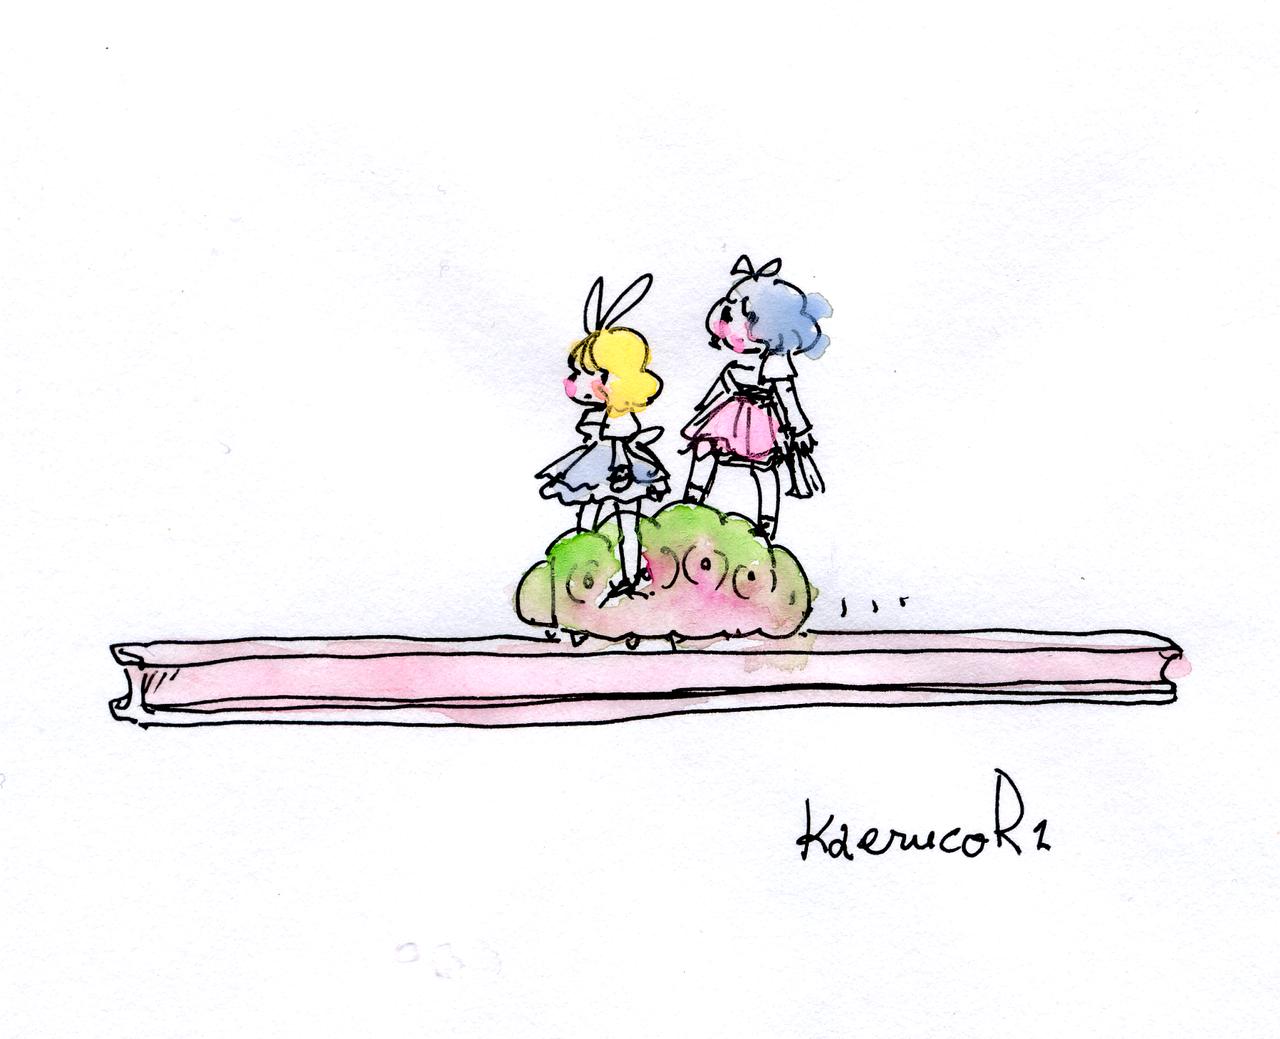 モノレール開業記念日」の新着タグ記事一覧|note ――つくる、つながる ...